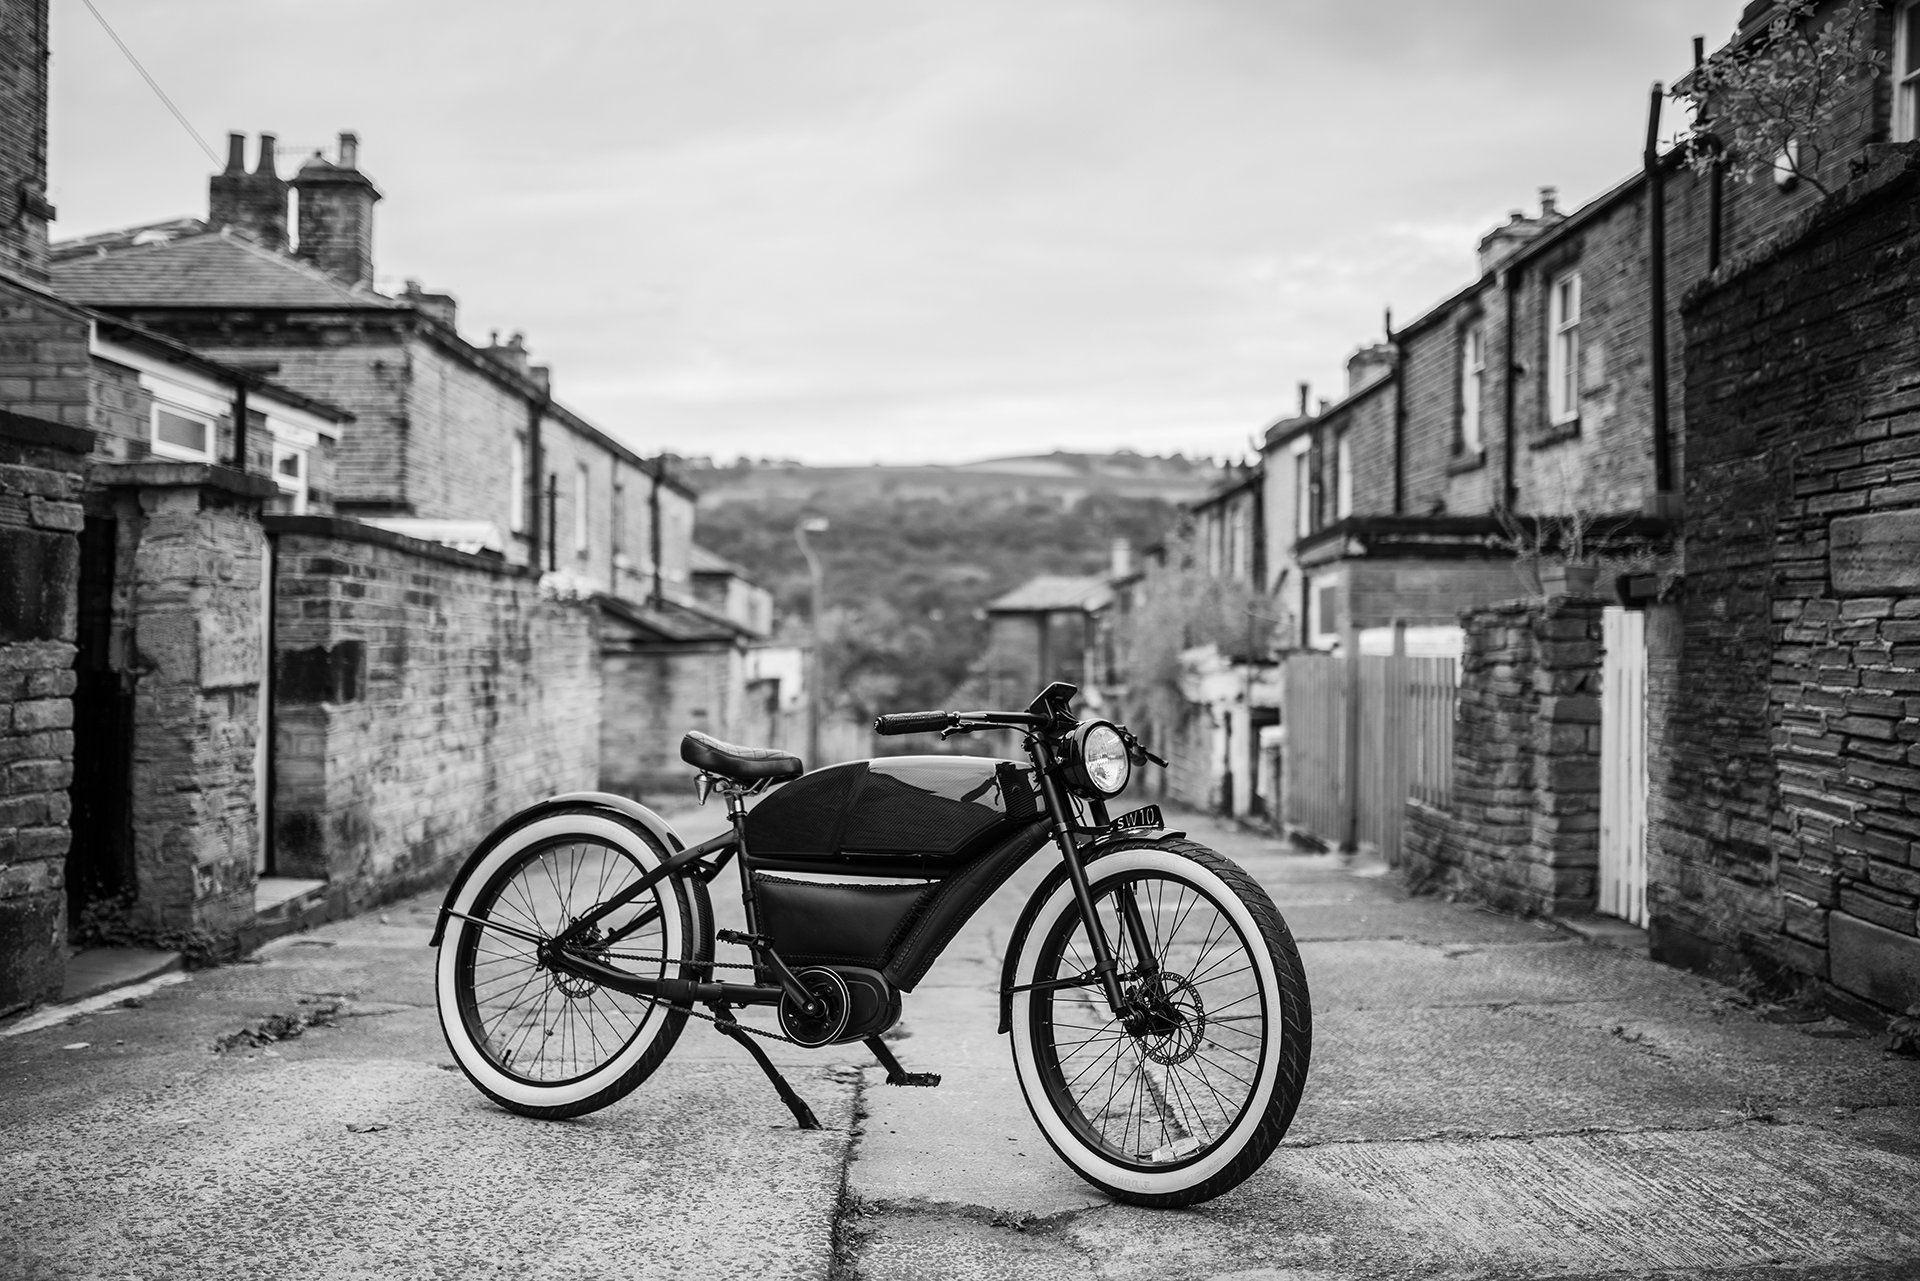 Project Kahn visar elcykel